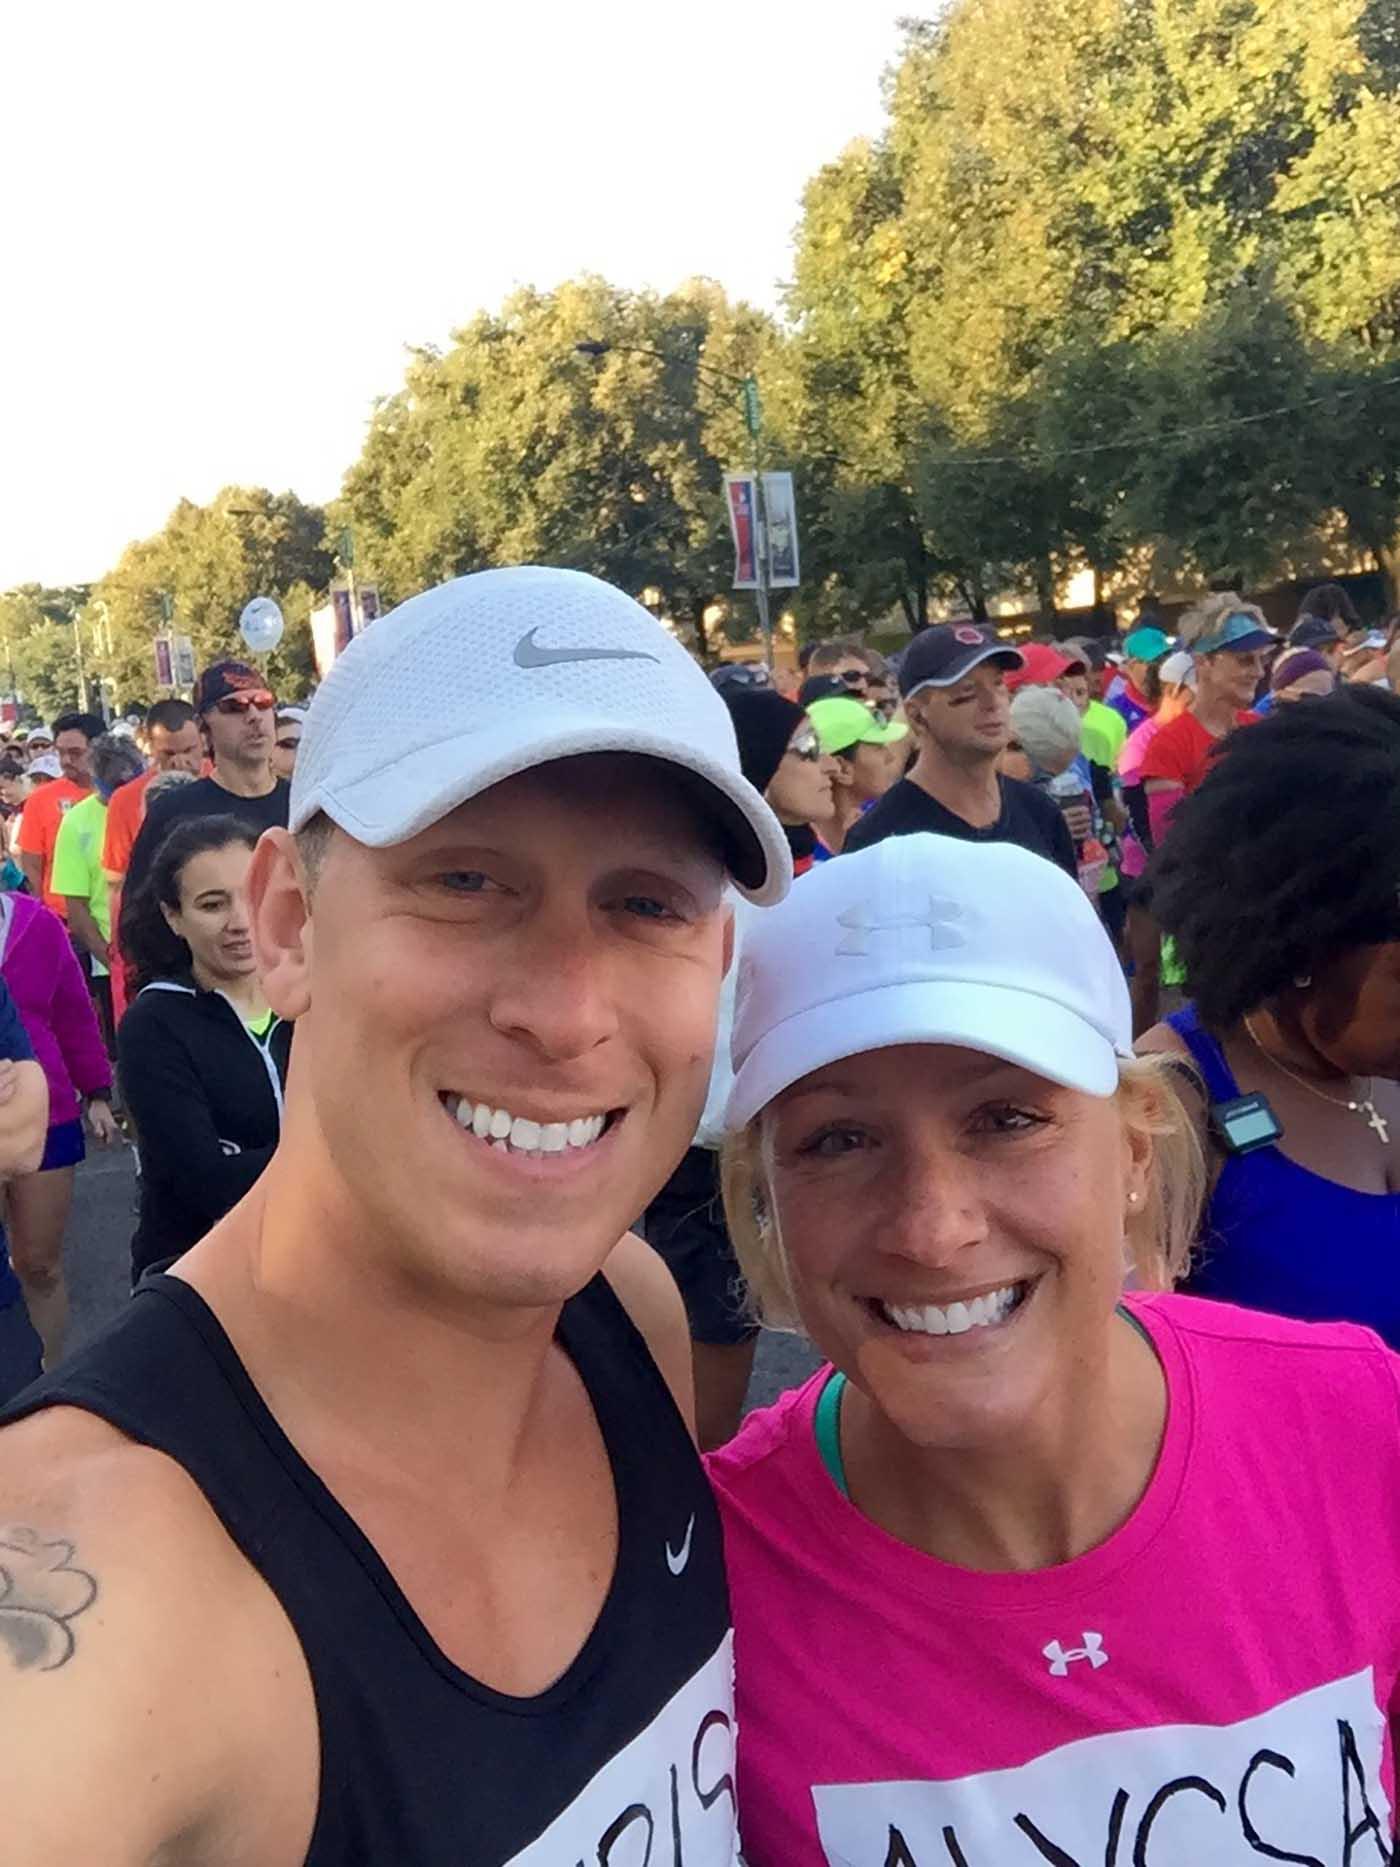 asweatlife_couple-celebrates-2015-chicago-marathon-engagement-at-2016_2016-photo